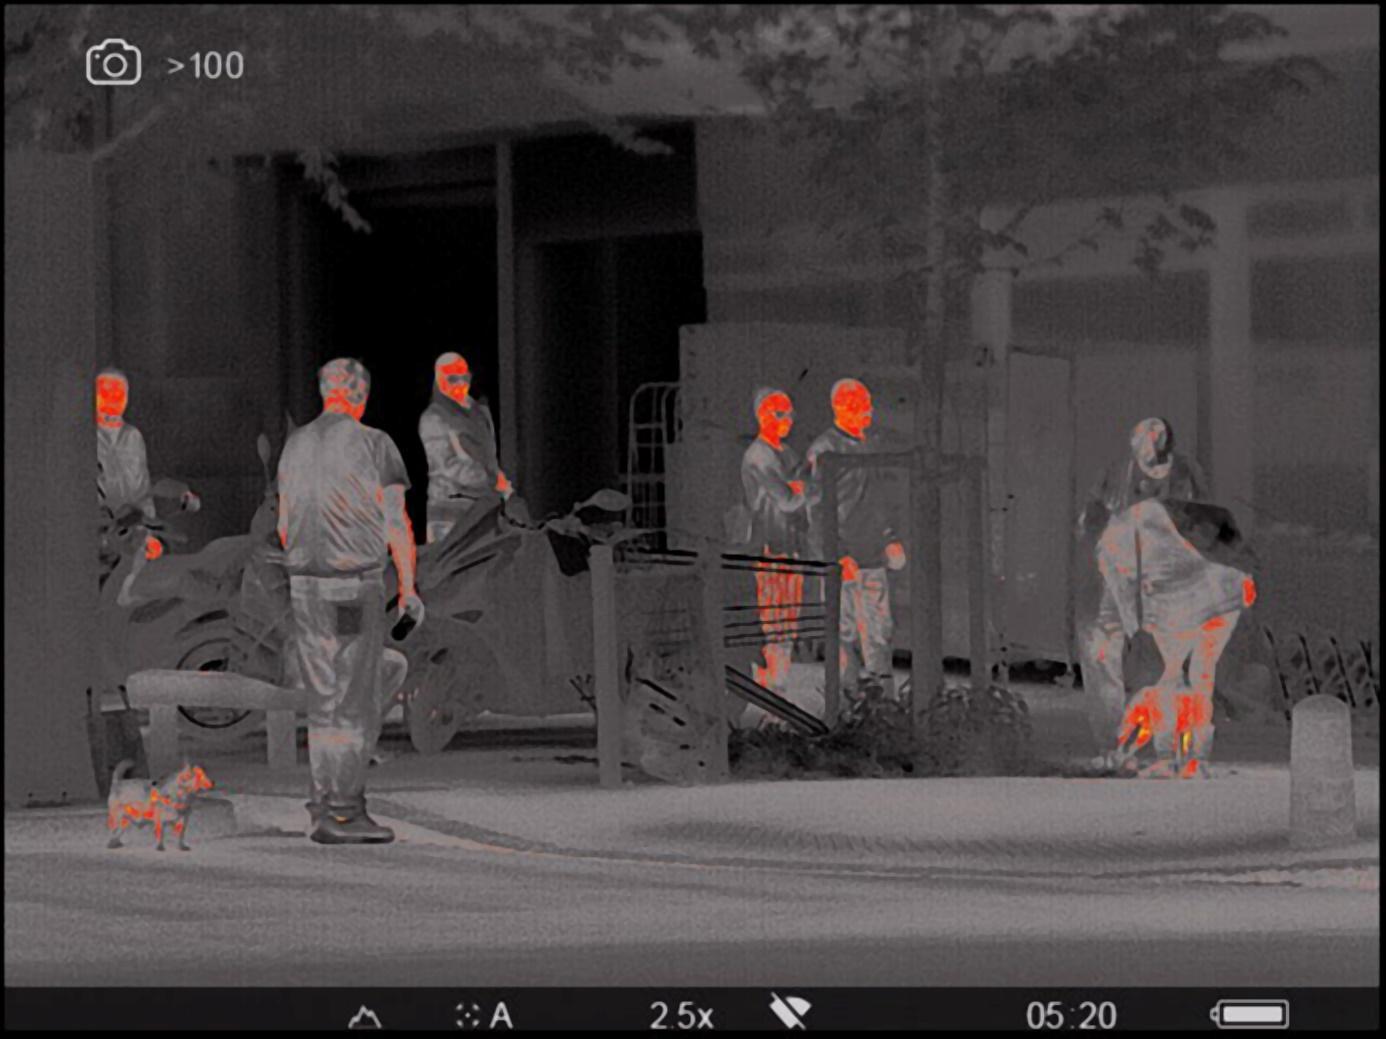 Une image contenant route, bâtiment, extérieur, homme  Description générée automatiquement